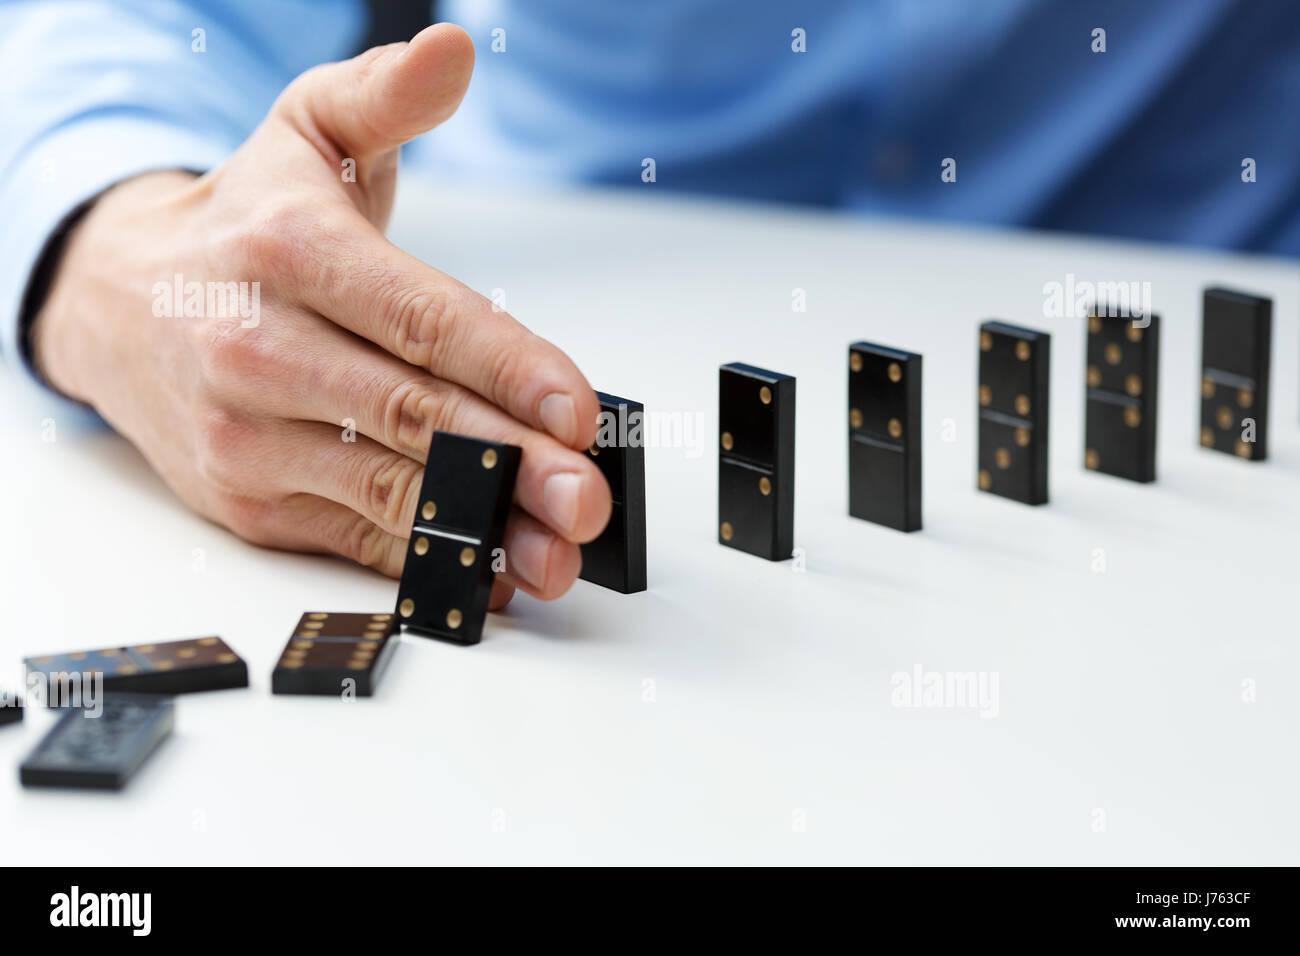 Imprenditore arresto effetto domino - business problem solving concept Immagini Stock